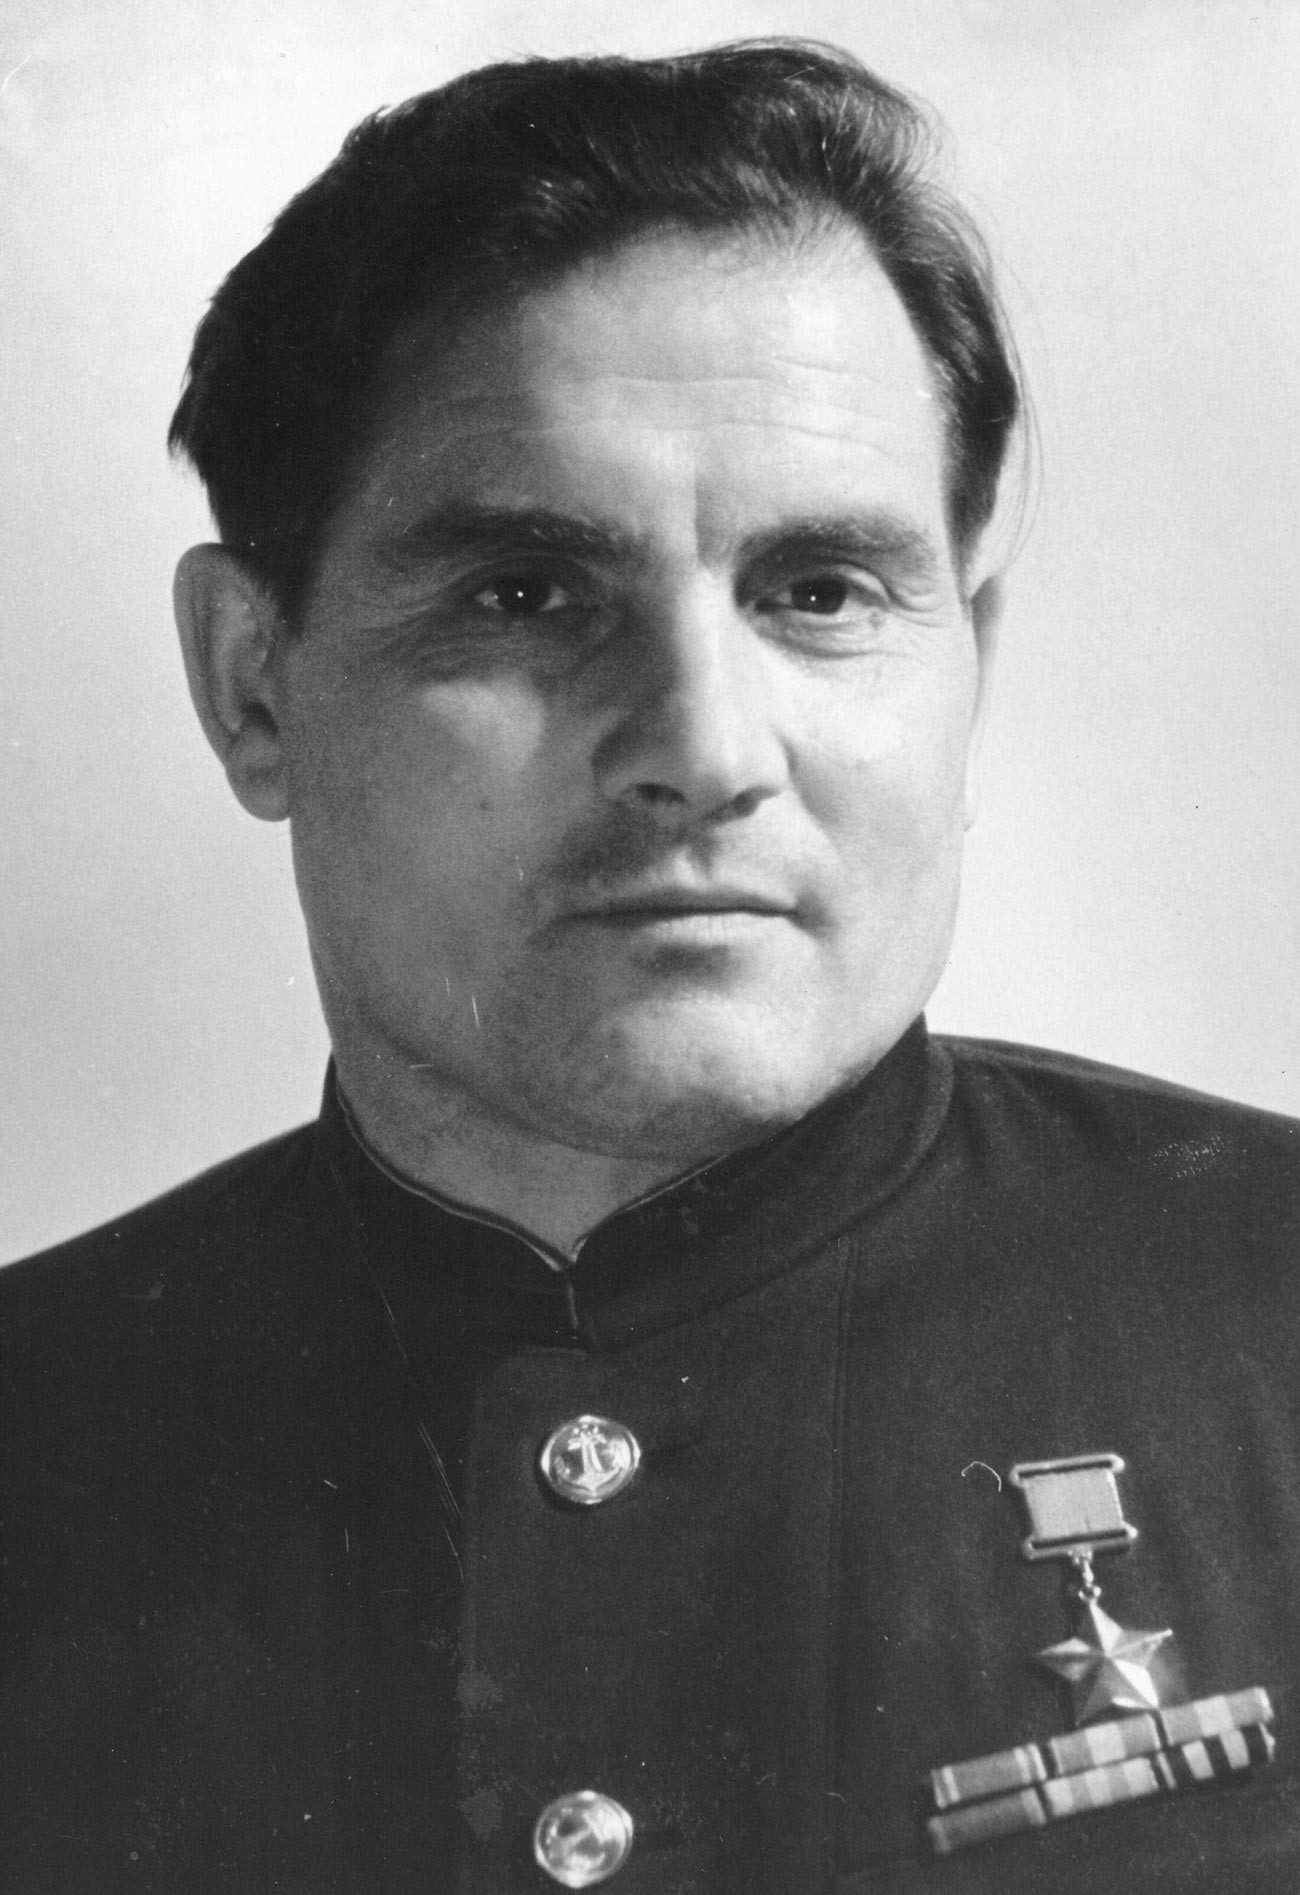 Mihail Petrovič Devjatajev, Heroj Sovjetskog Saveza.